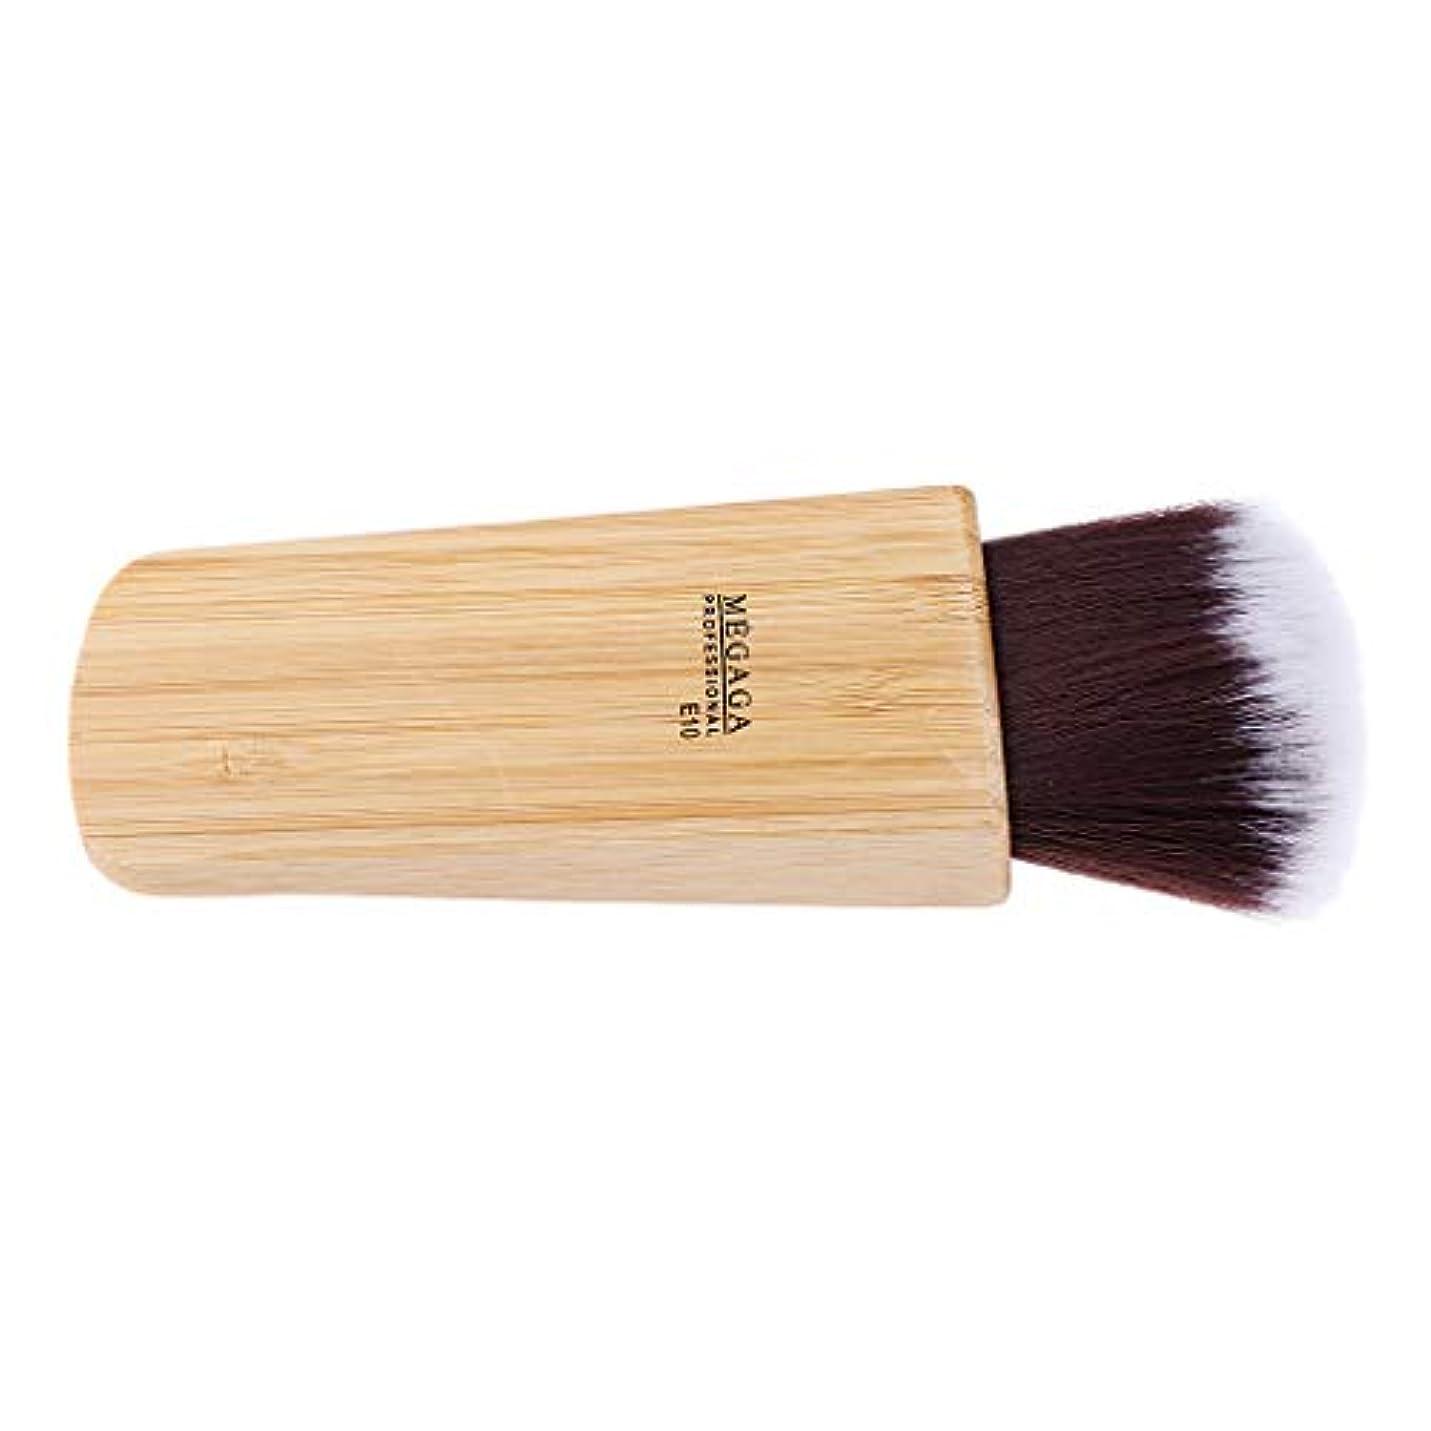 最も早い矛盾する地味なToygogo ヘアカットブラシネックダスターブラシクリーニングヘアブラシバーバースイープブロークンヘア理髪ツール